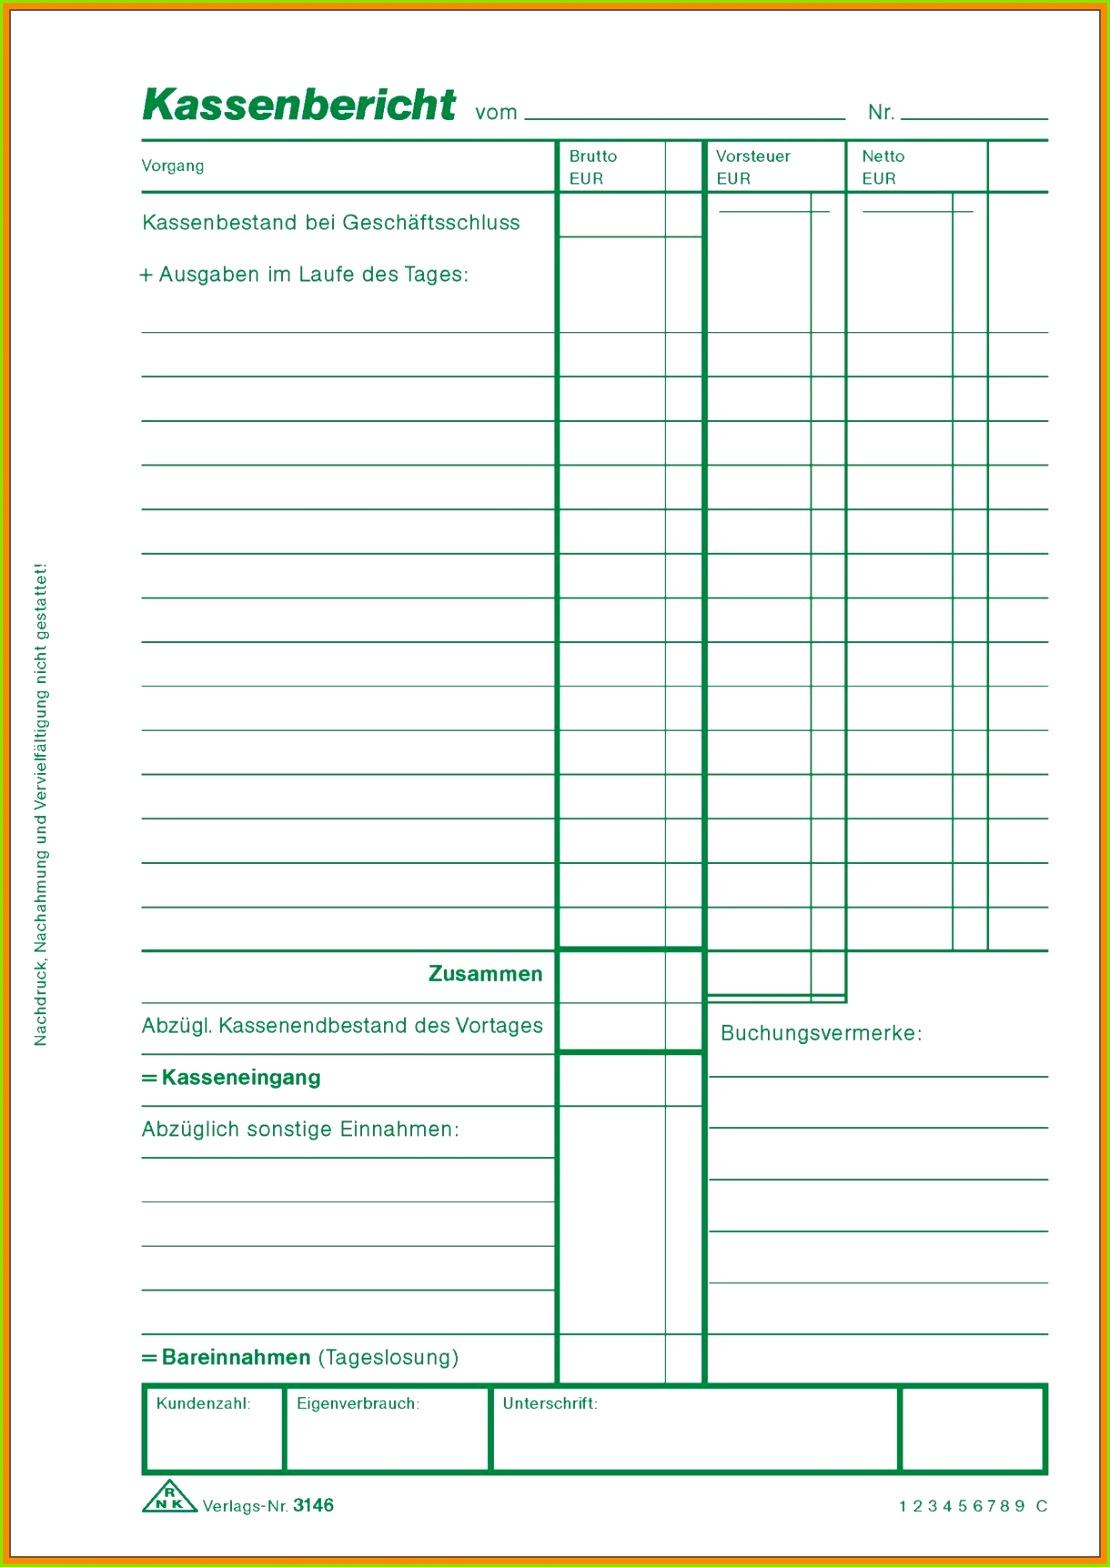 Kassenbuch Vorlage Zum Ausdrucken Pdf Erstaunlich 10 Kassenbericht